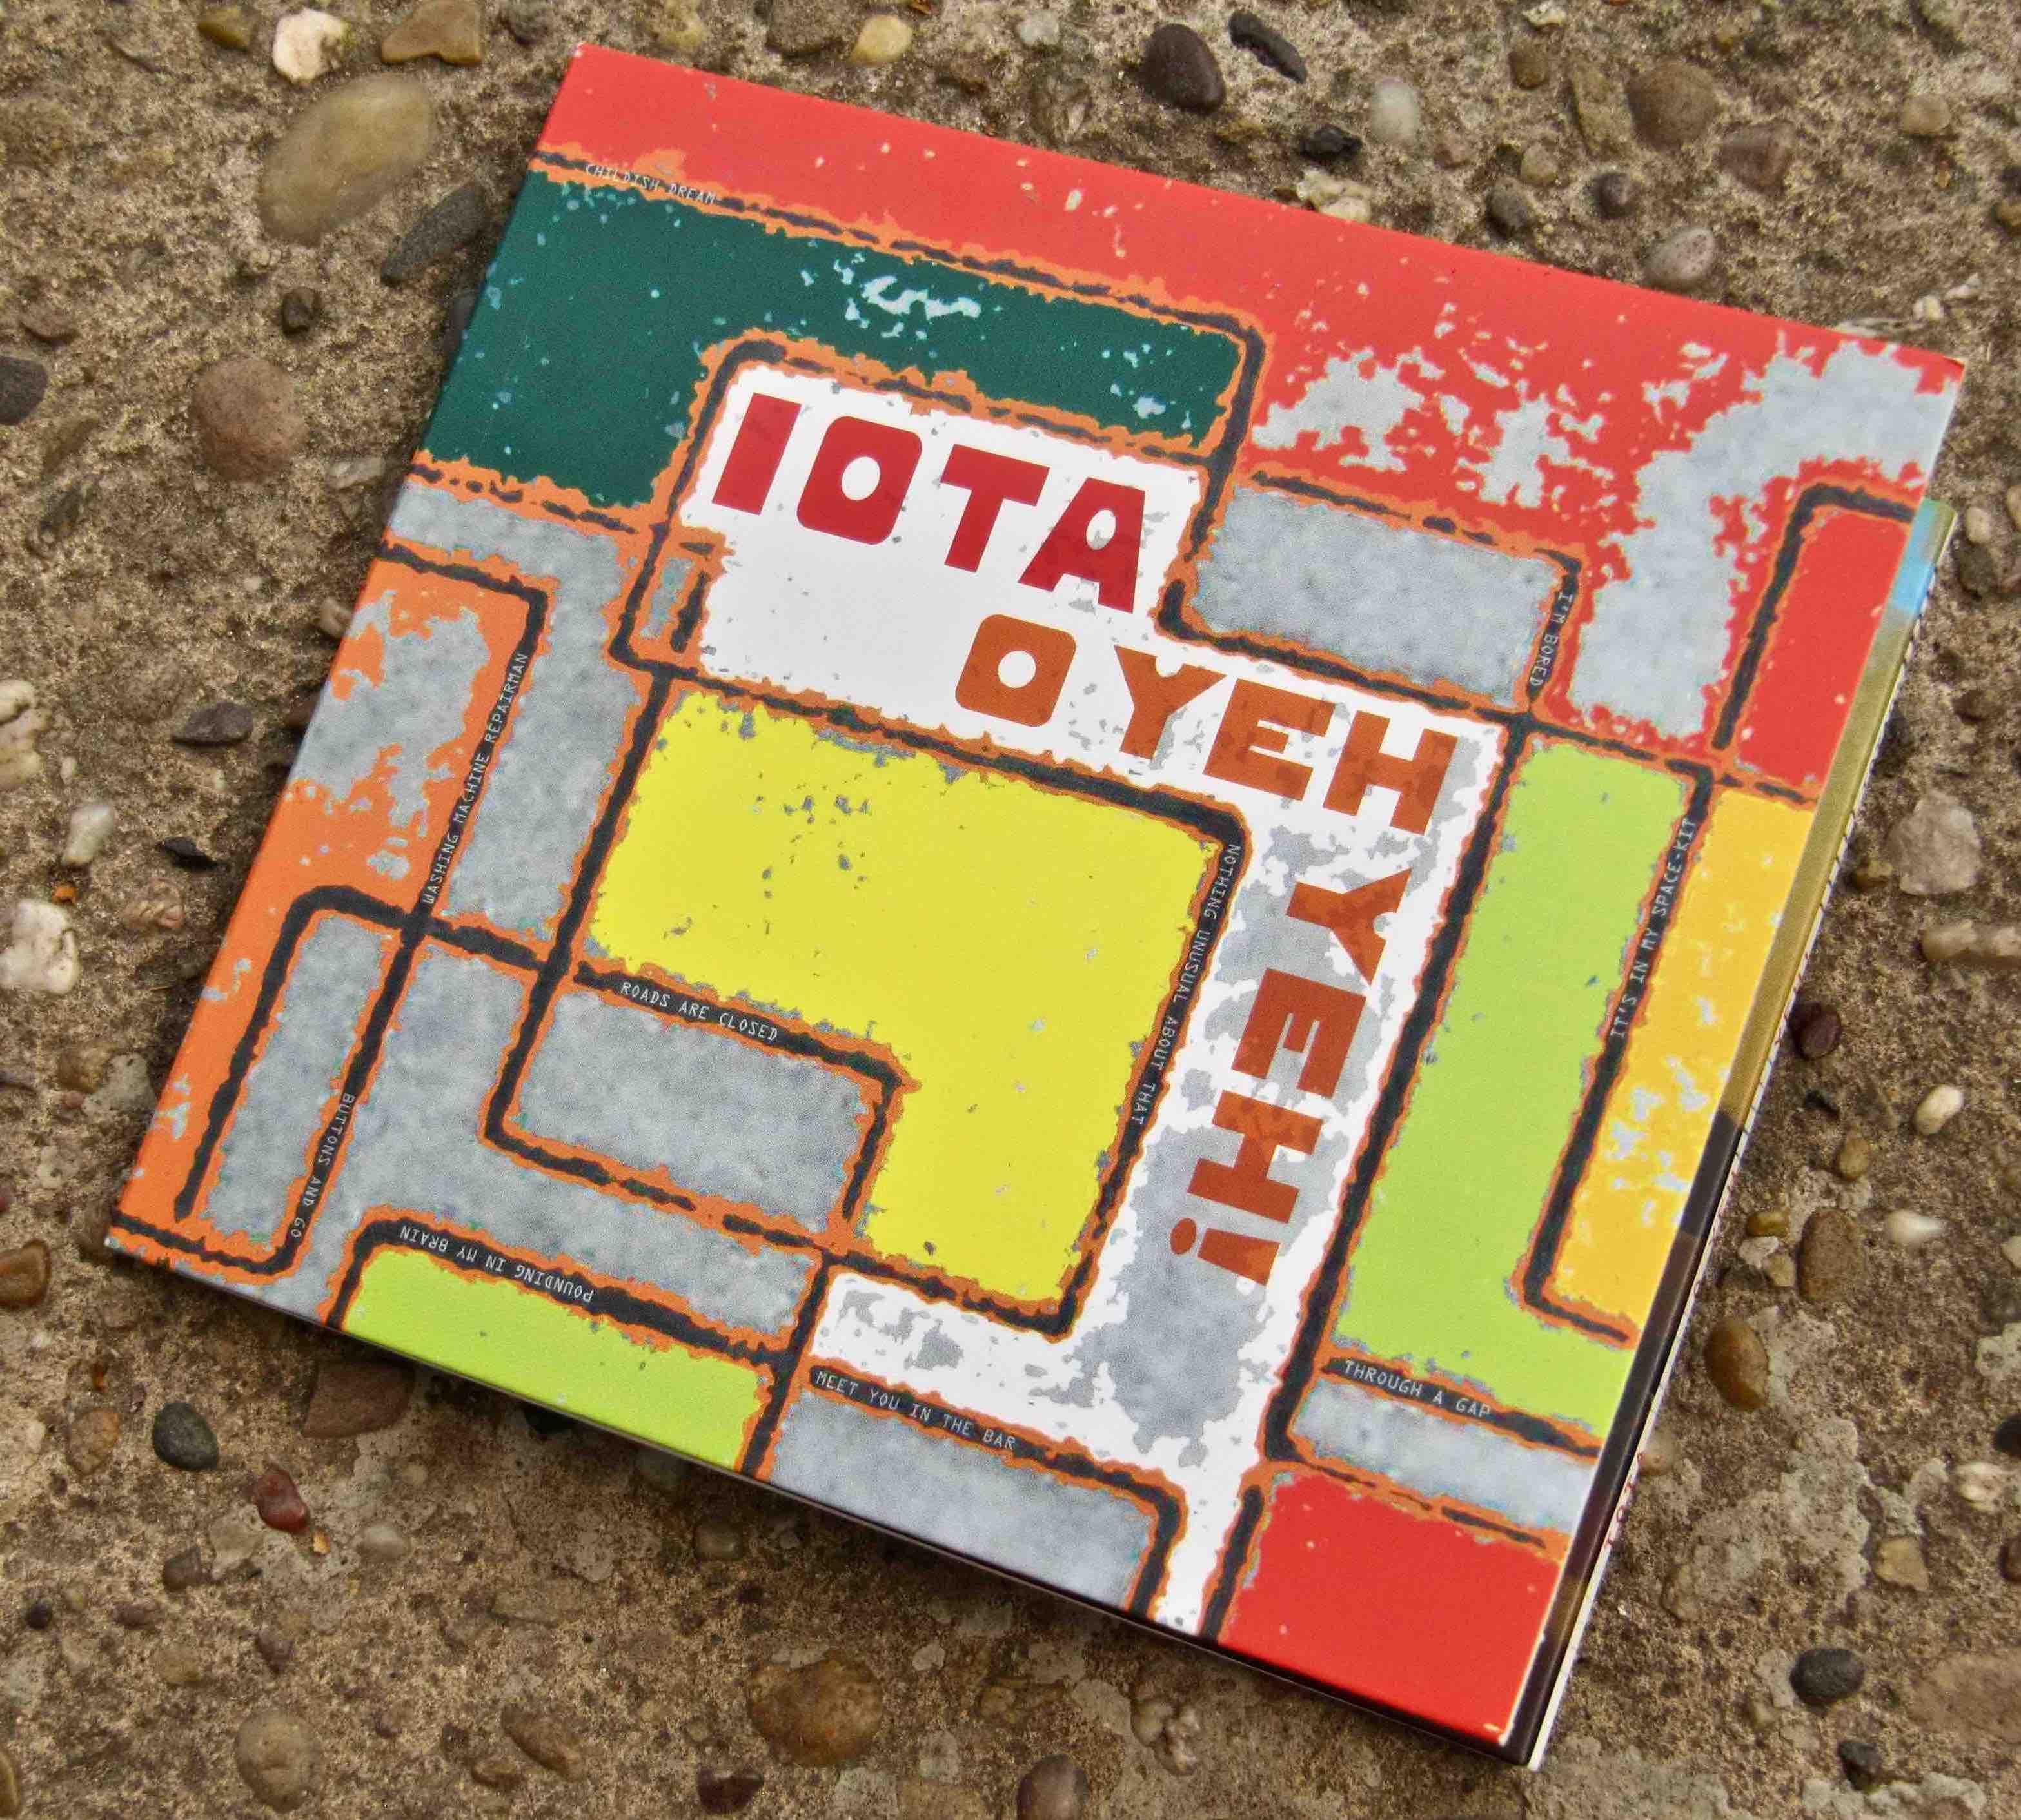 IOTA LP front